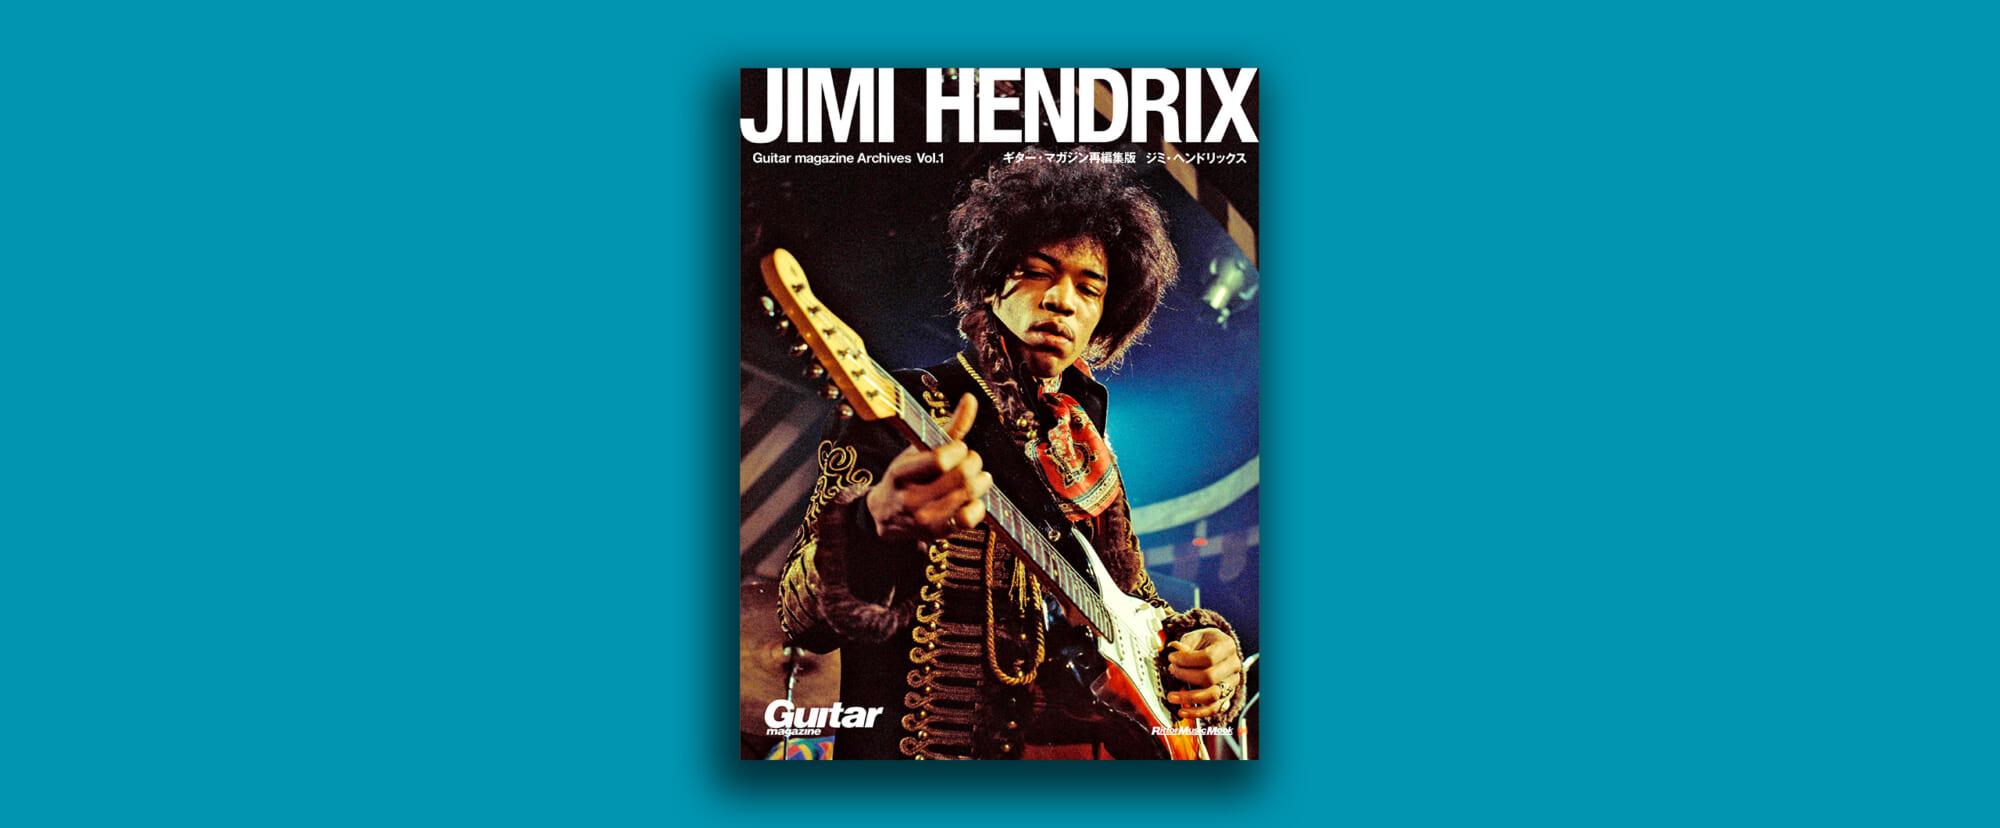 ギタマガ40年分の特集記事を総集したジミ・ヘンドリックスのムックが登場!